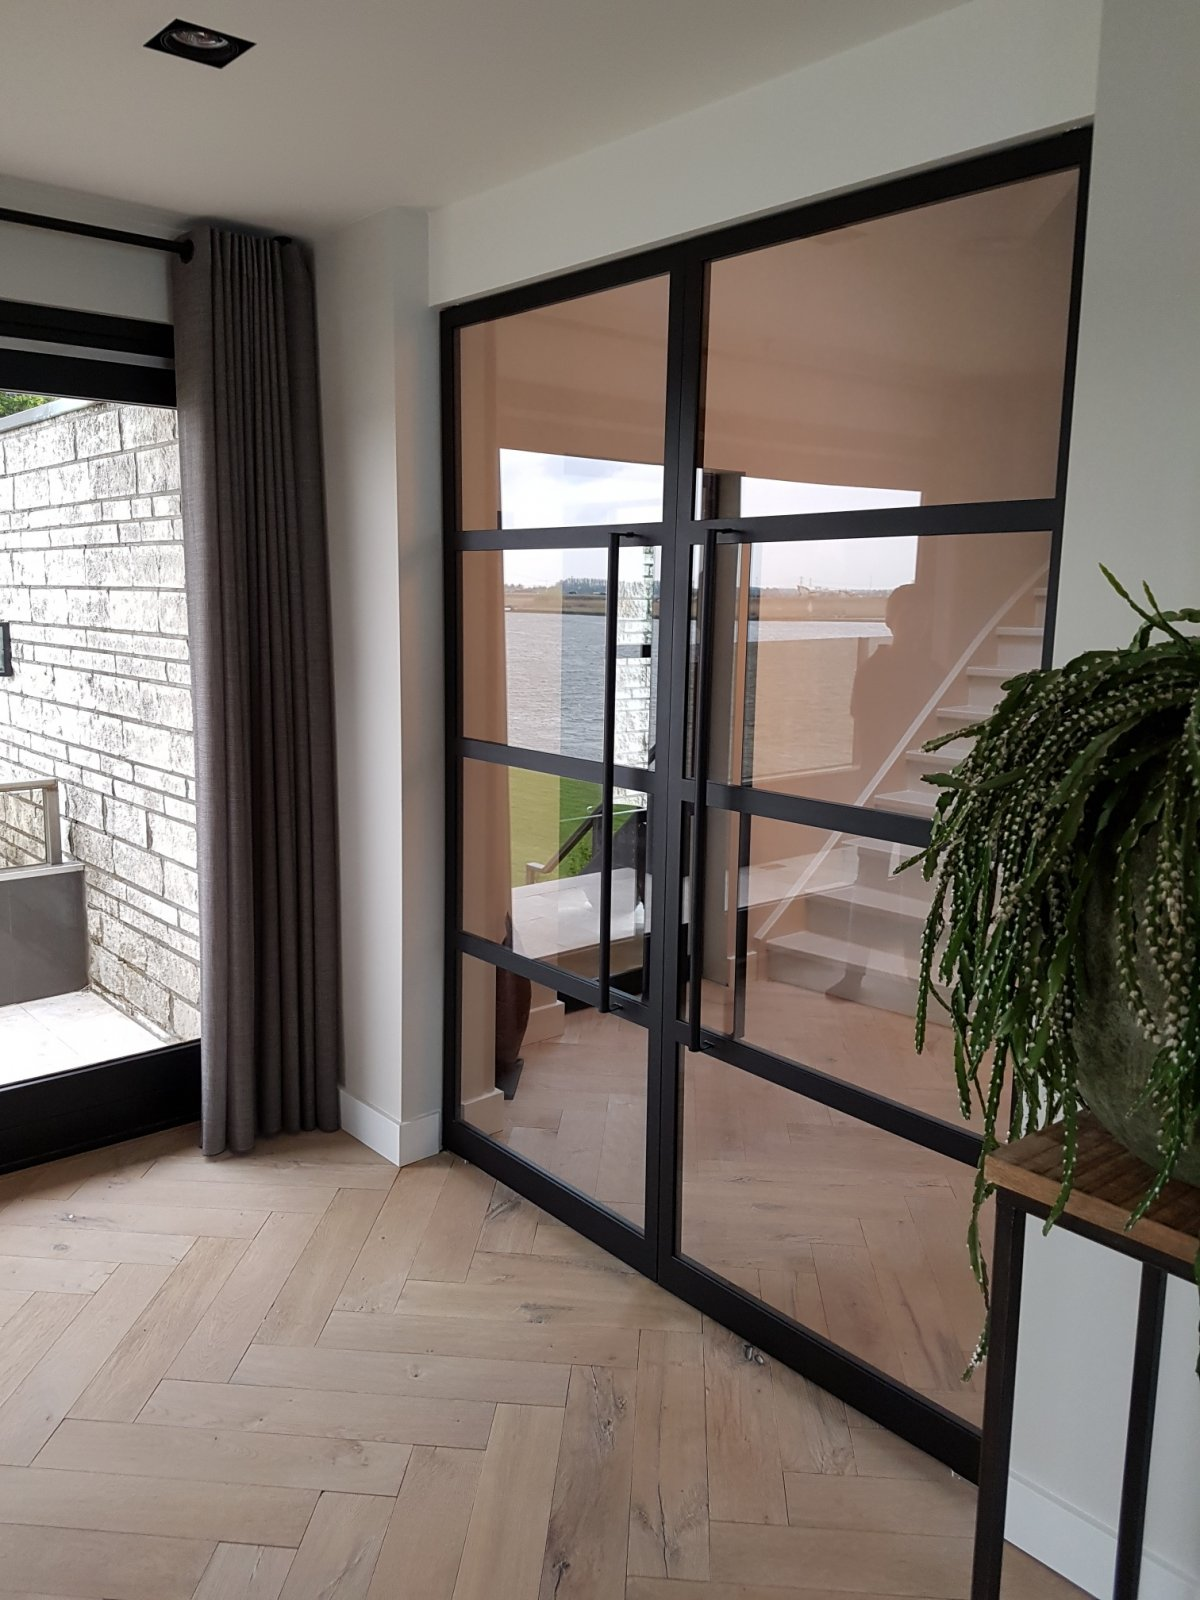 Dubbele binnendeuren met glas?